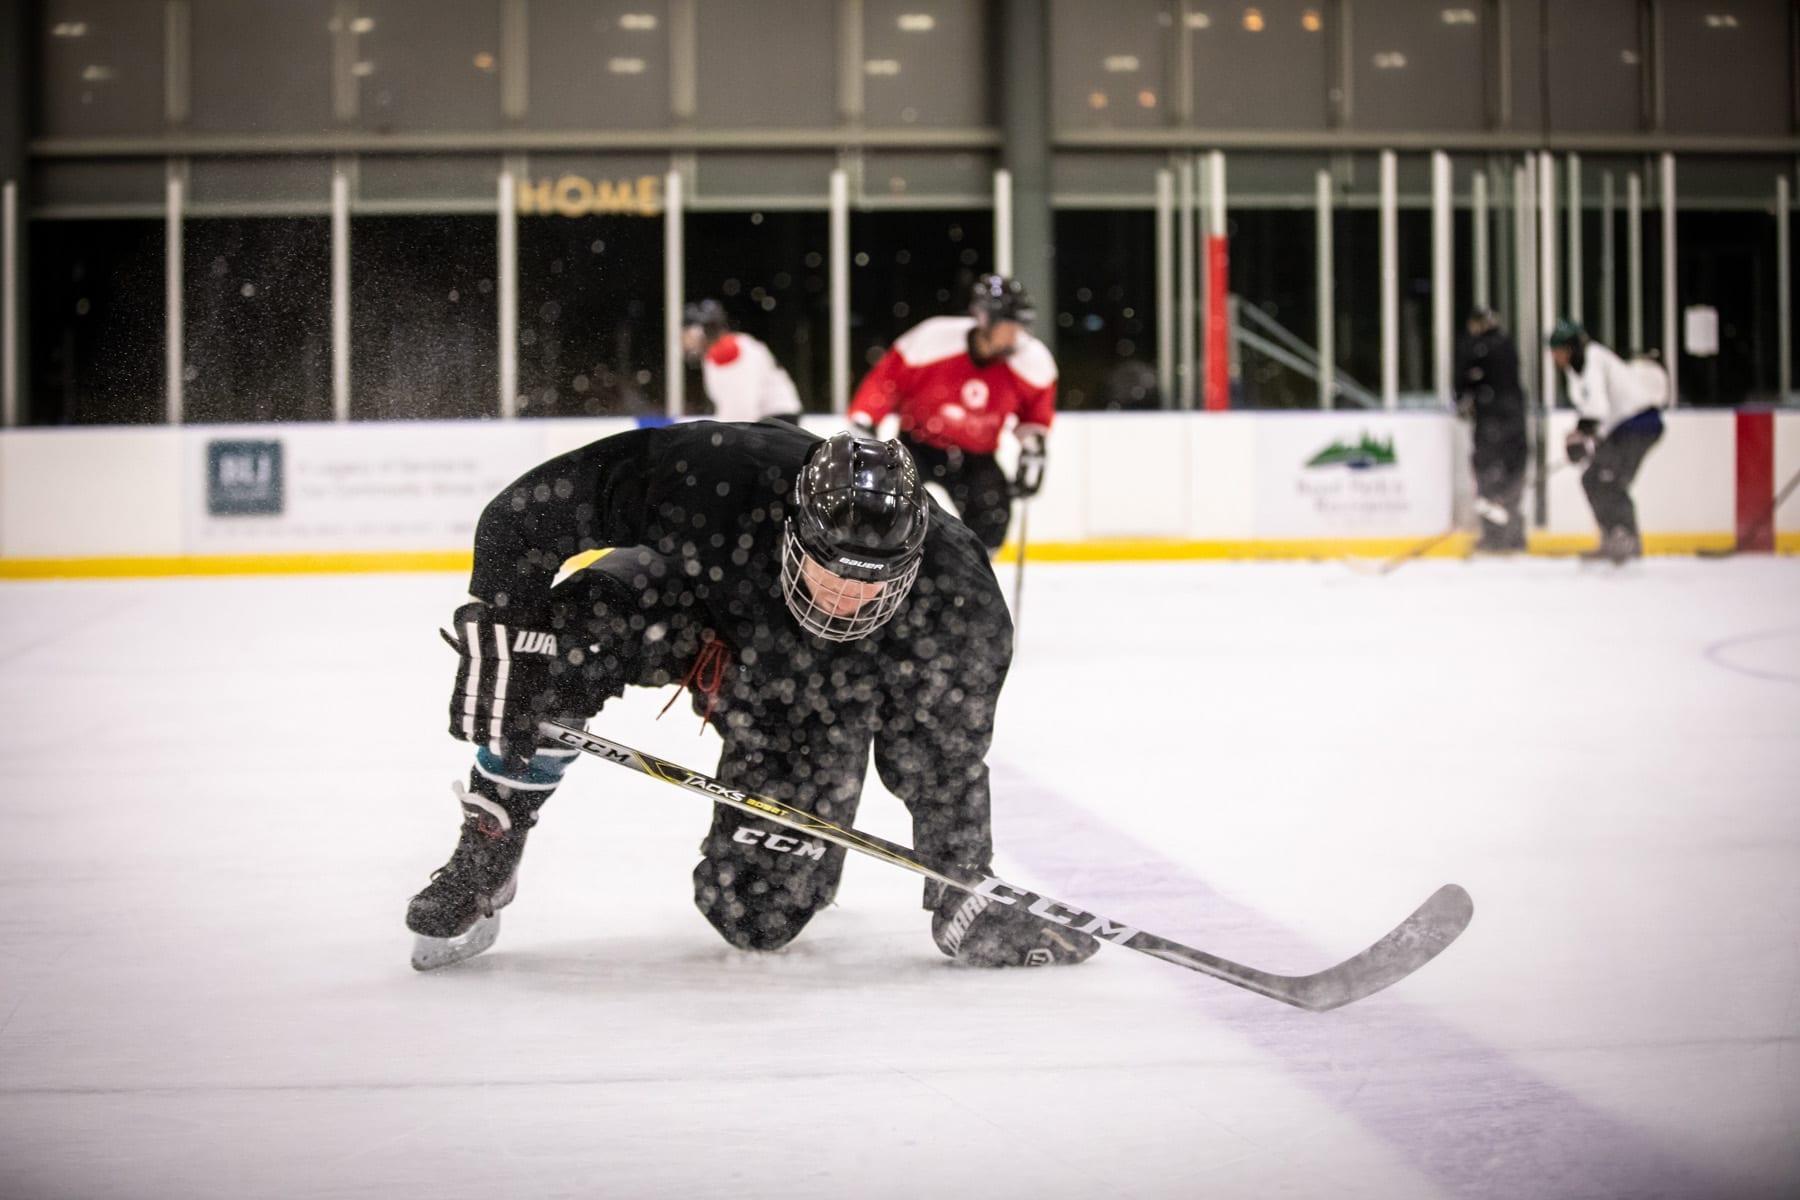 D-League Hockey in Bend, Oregon